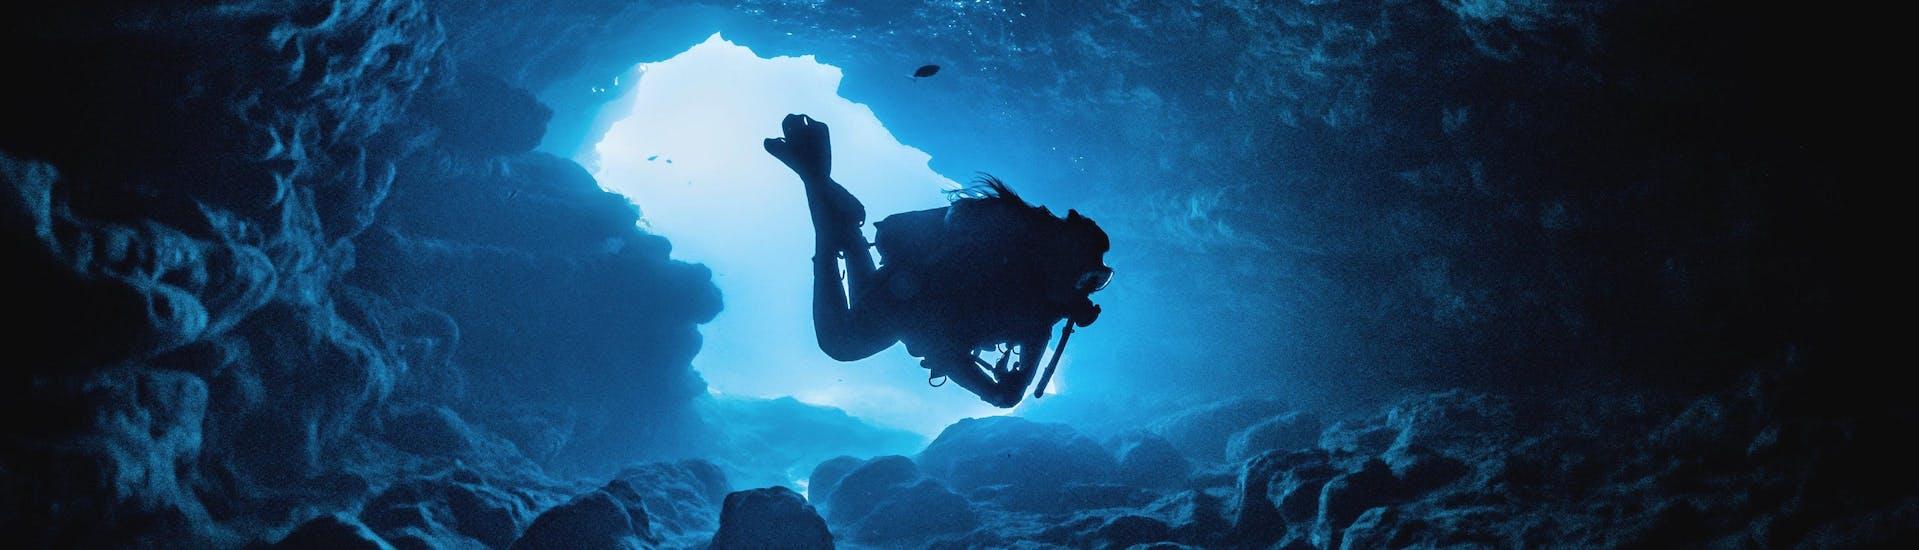 Ein Gerätetaucher erkundet eine der vielen Unterwasserhöhlen Maltas, einem beliebten Reiseziel in Europa für Taucher.